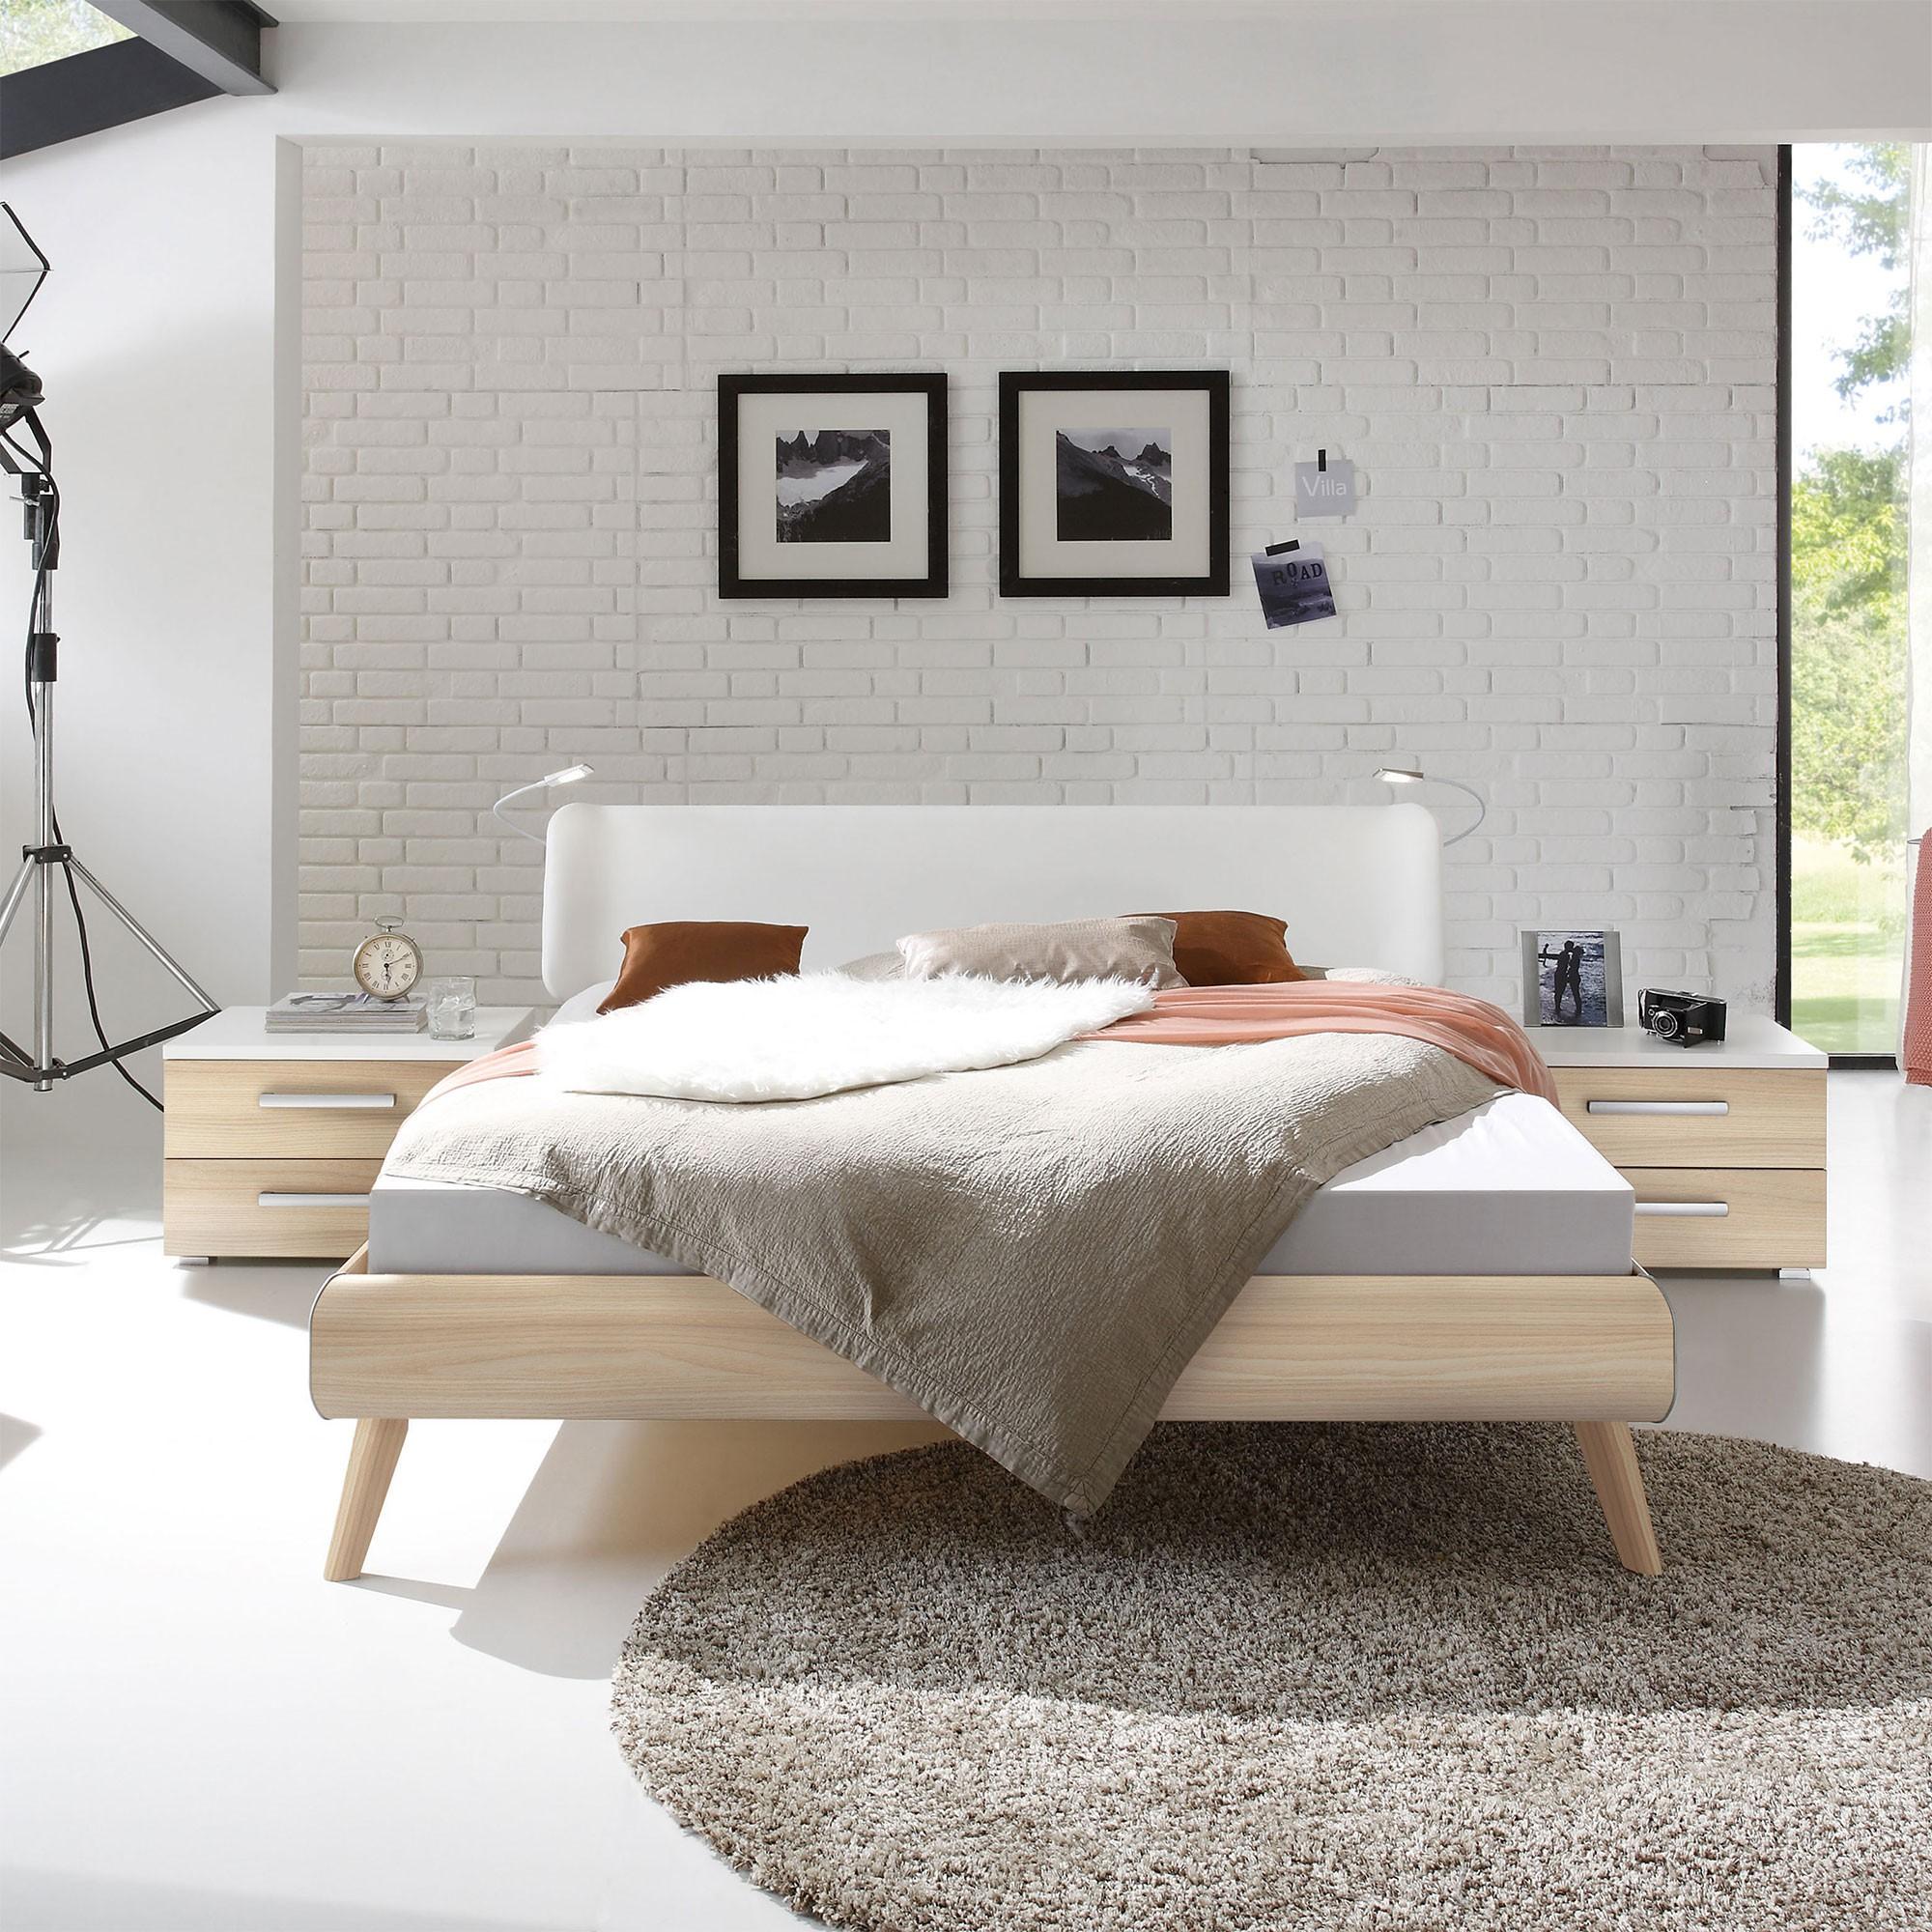 Full Size of Hasena Top Line Bett Prestige 18 Masi Boga Online Kaufen Belama Big Sofa Betten Landhausstil 120x200 Mit Matratze Und Lattenrost Günstige Schlafzimmer Bett Bett Kaufen Günstig